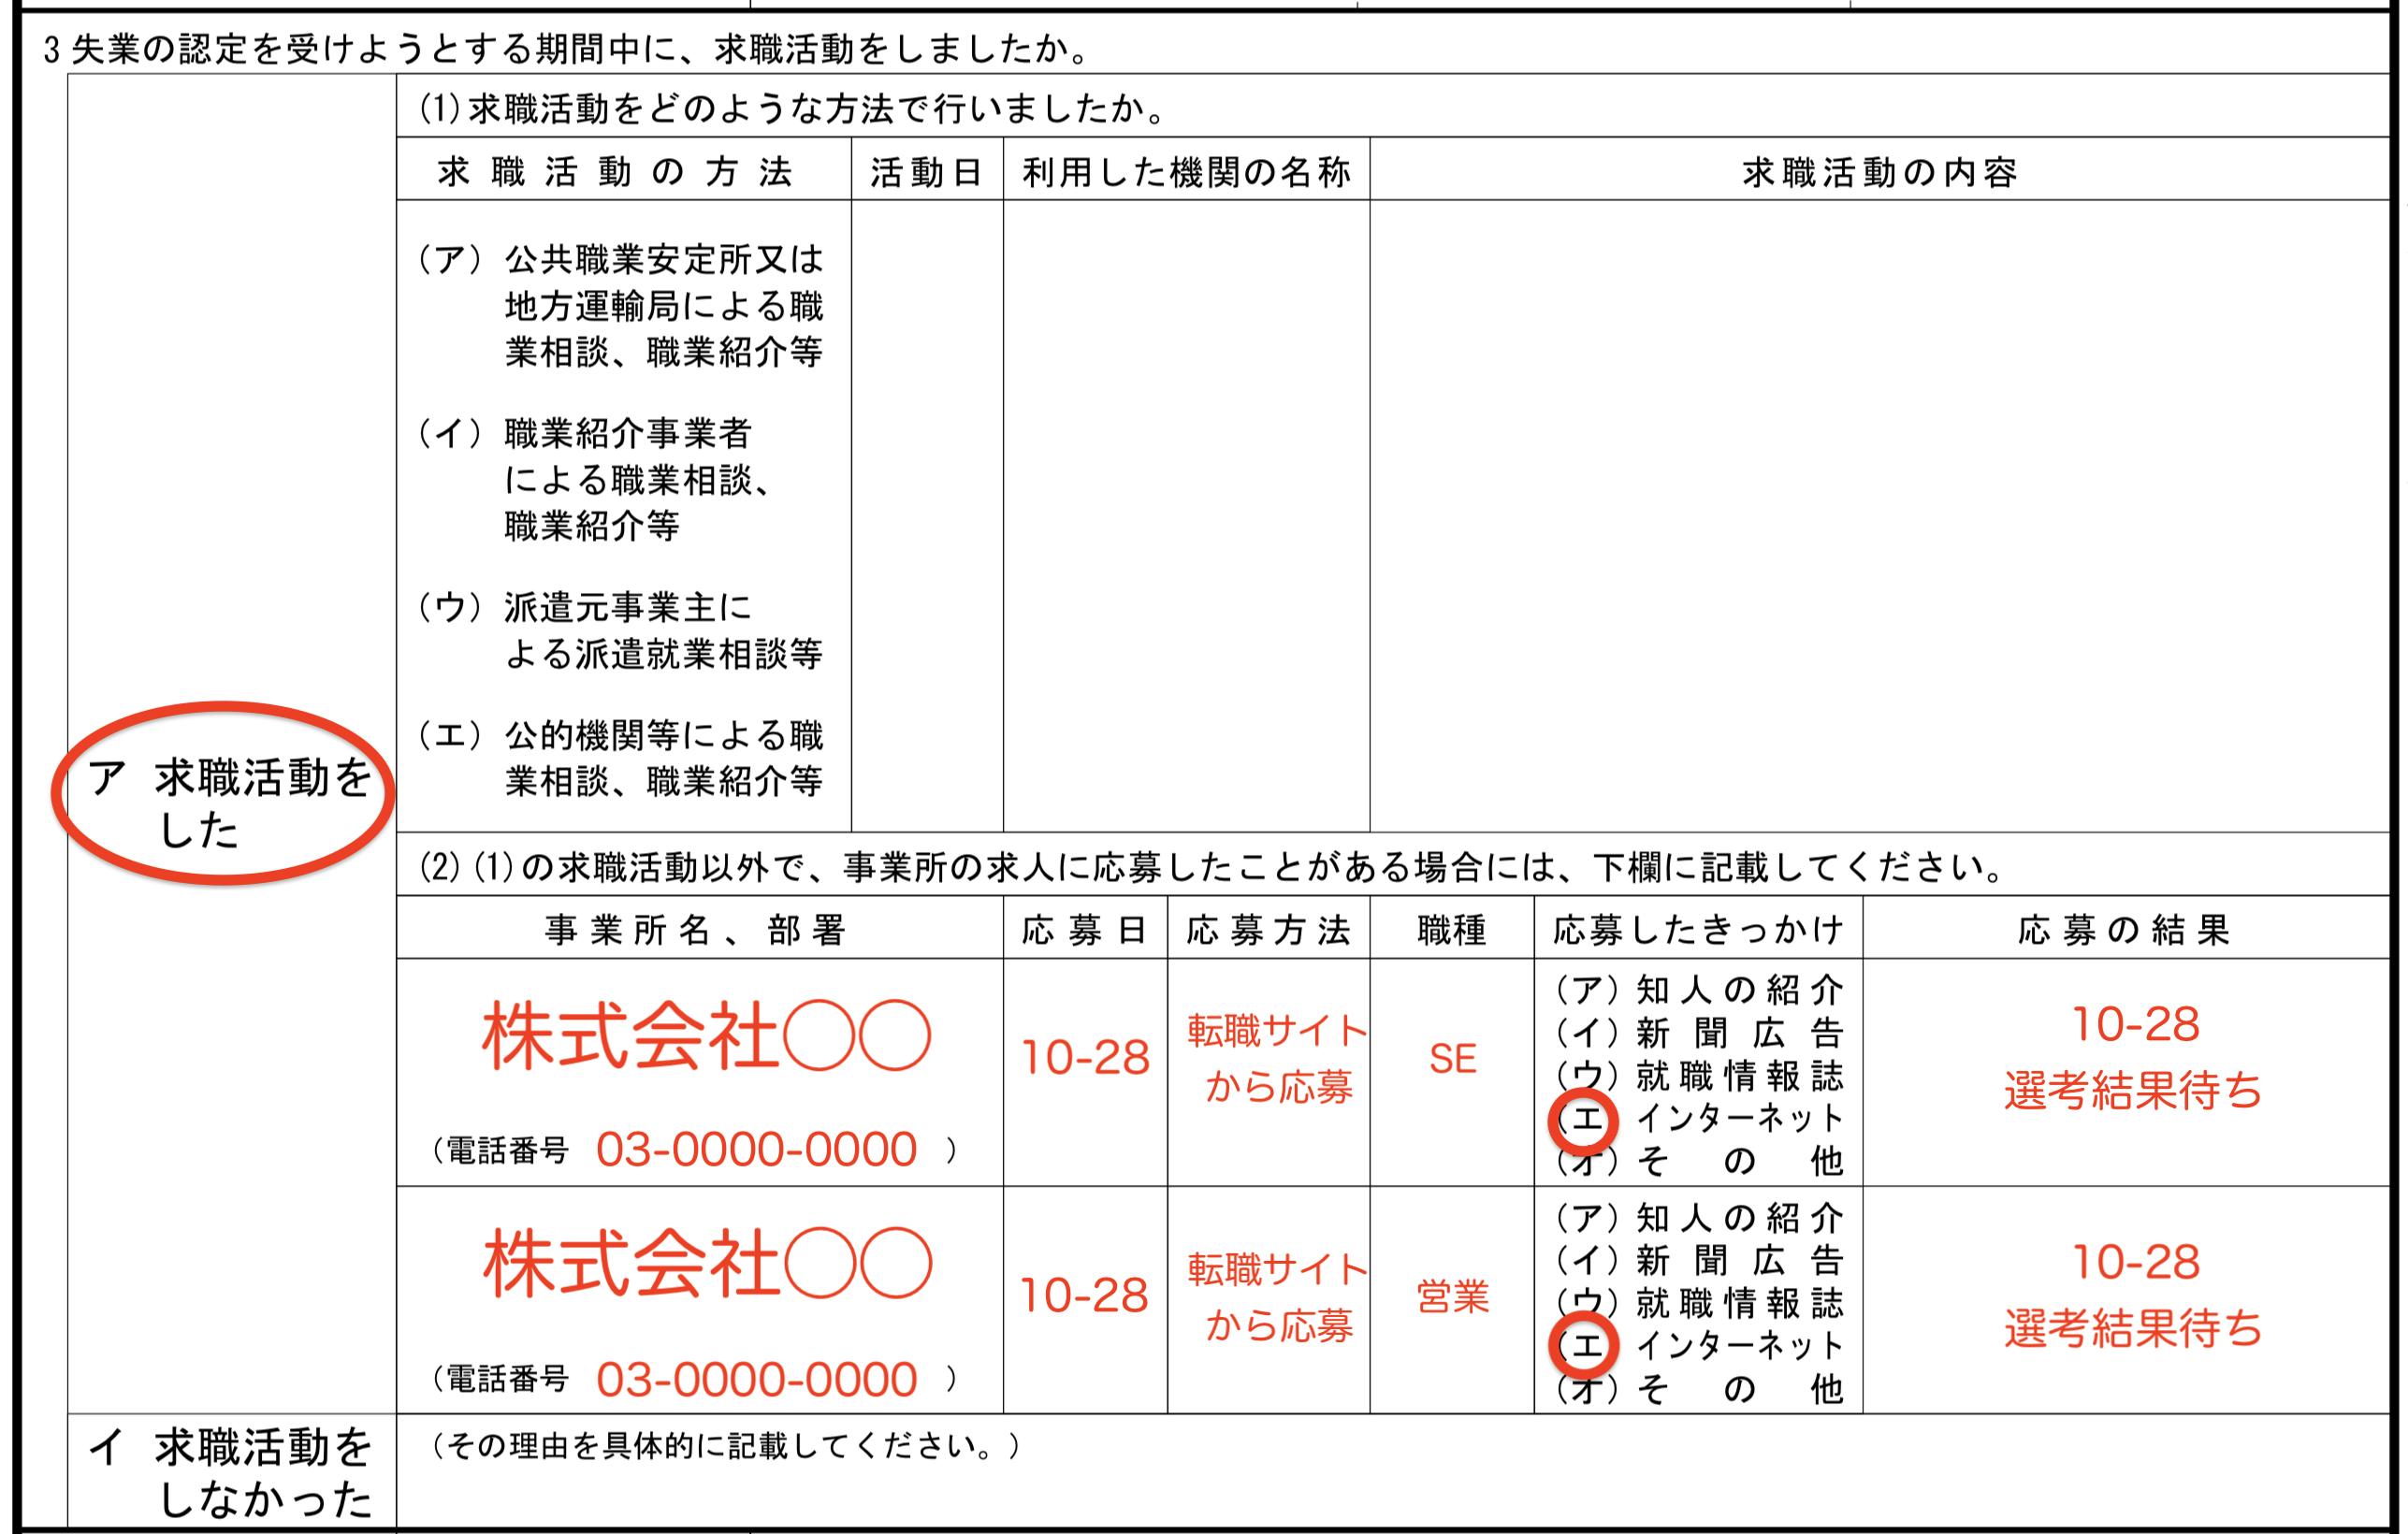 失業認定申告書のインターネット応募の書き方